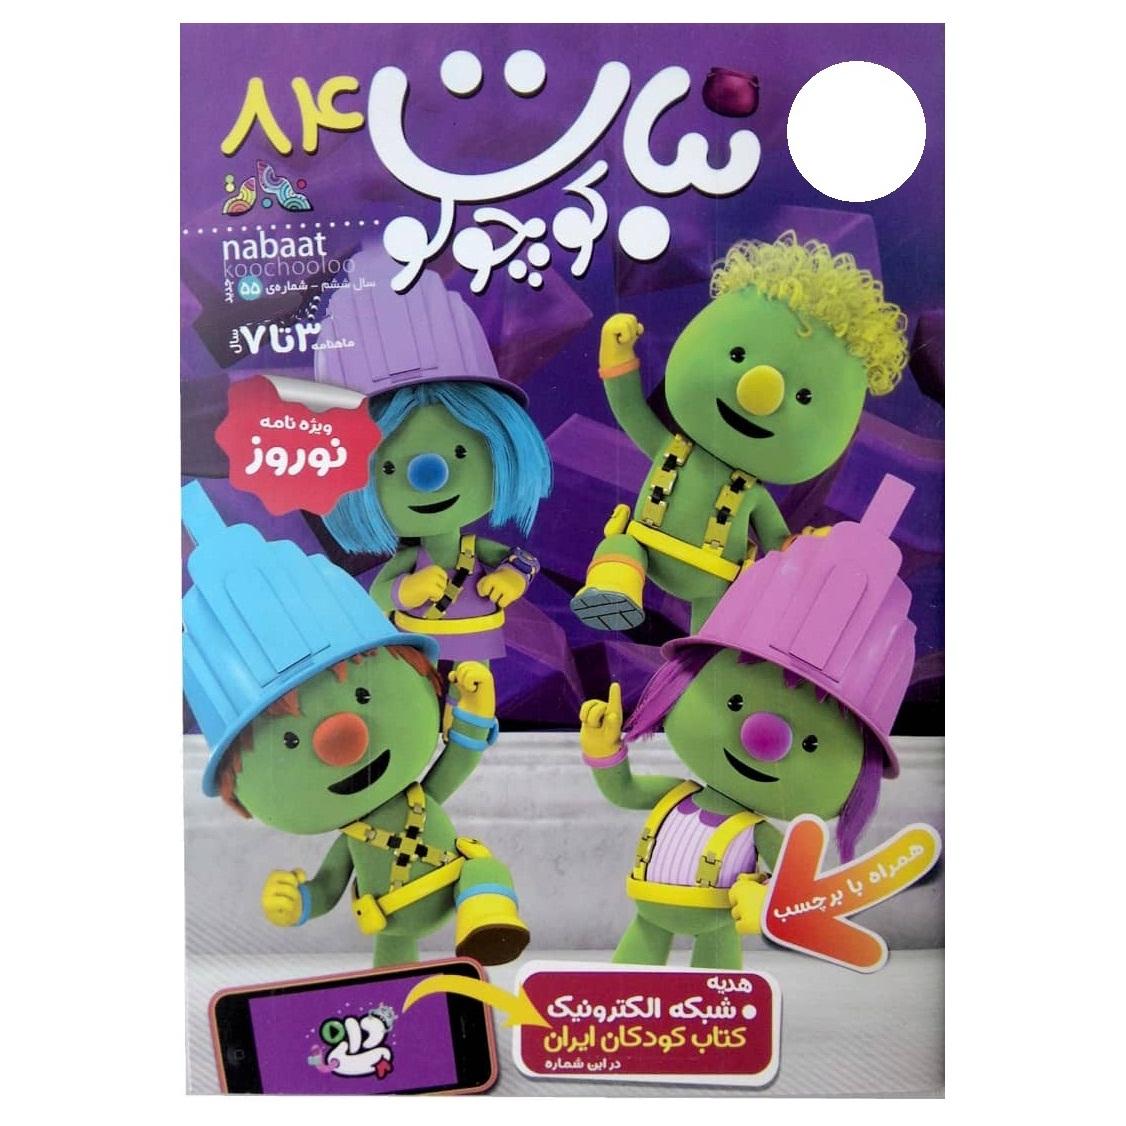 مجله نبات کوچولو شماره 84